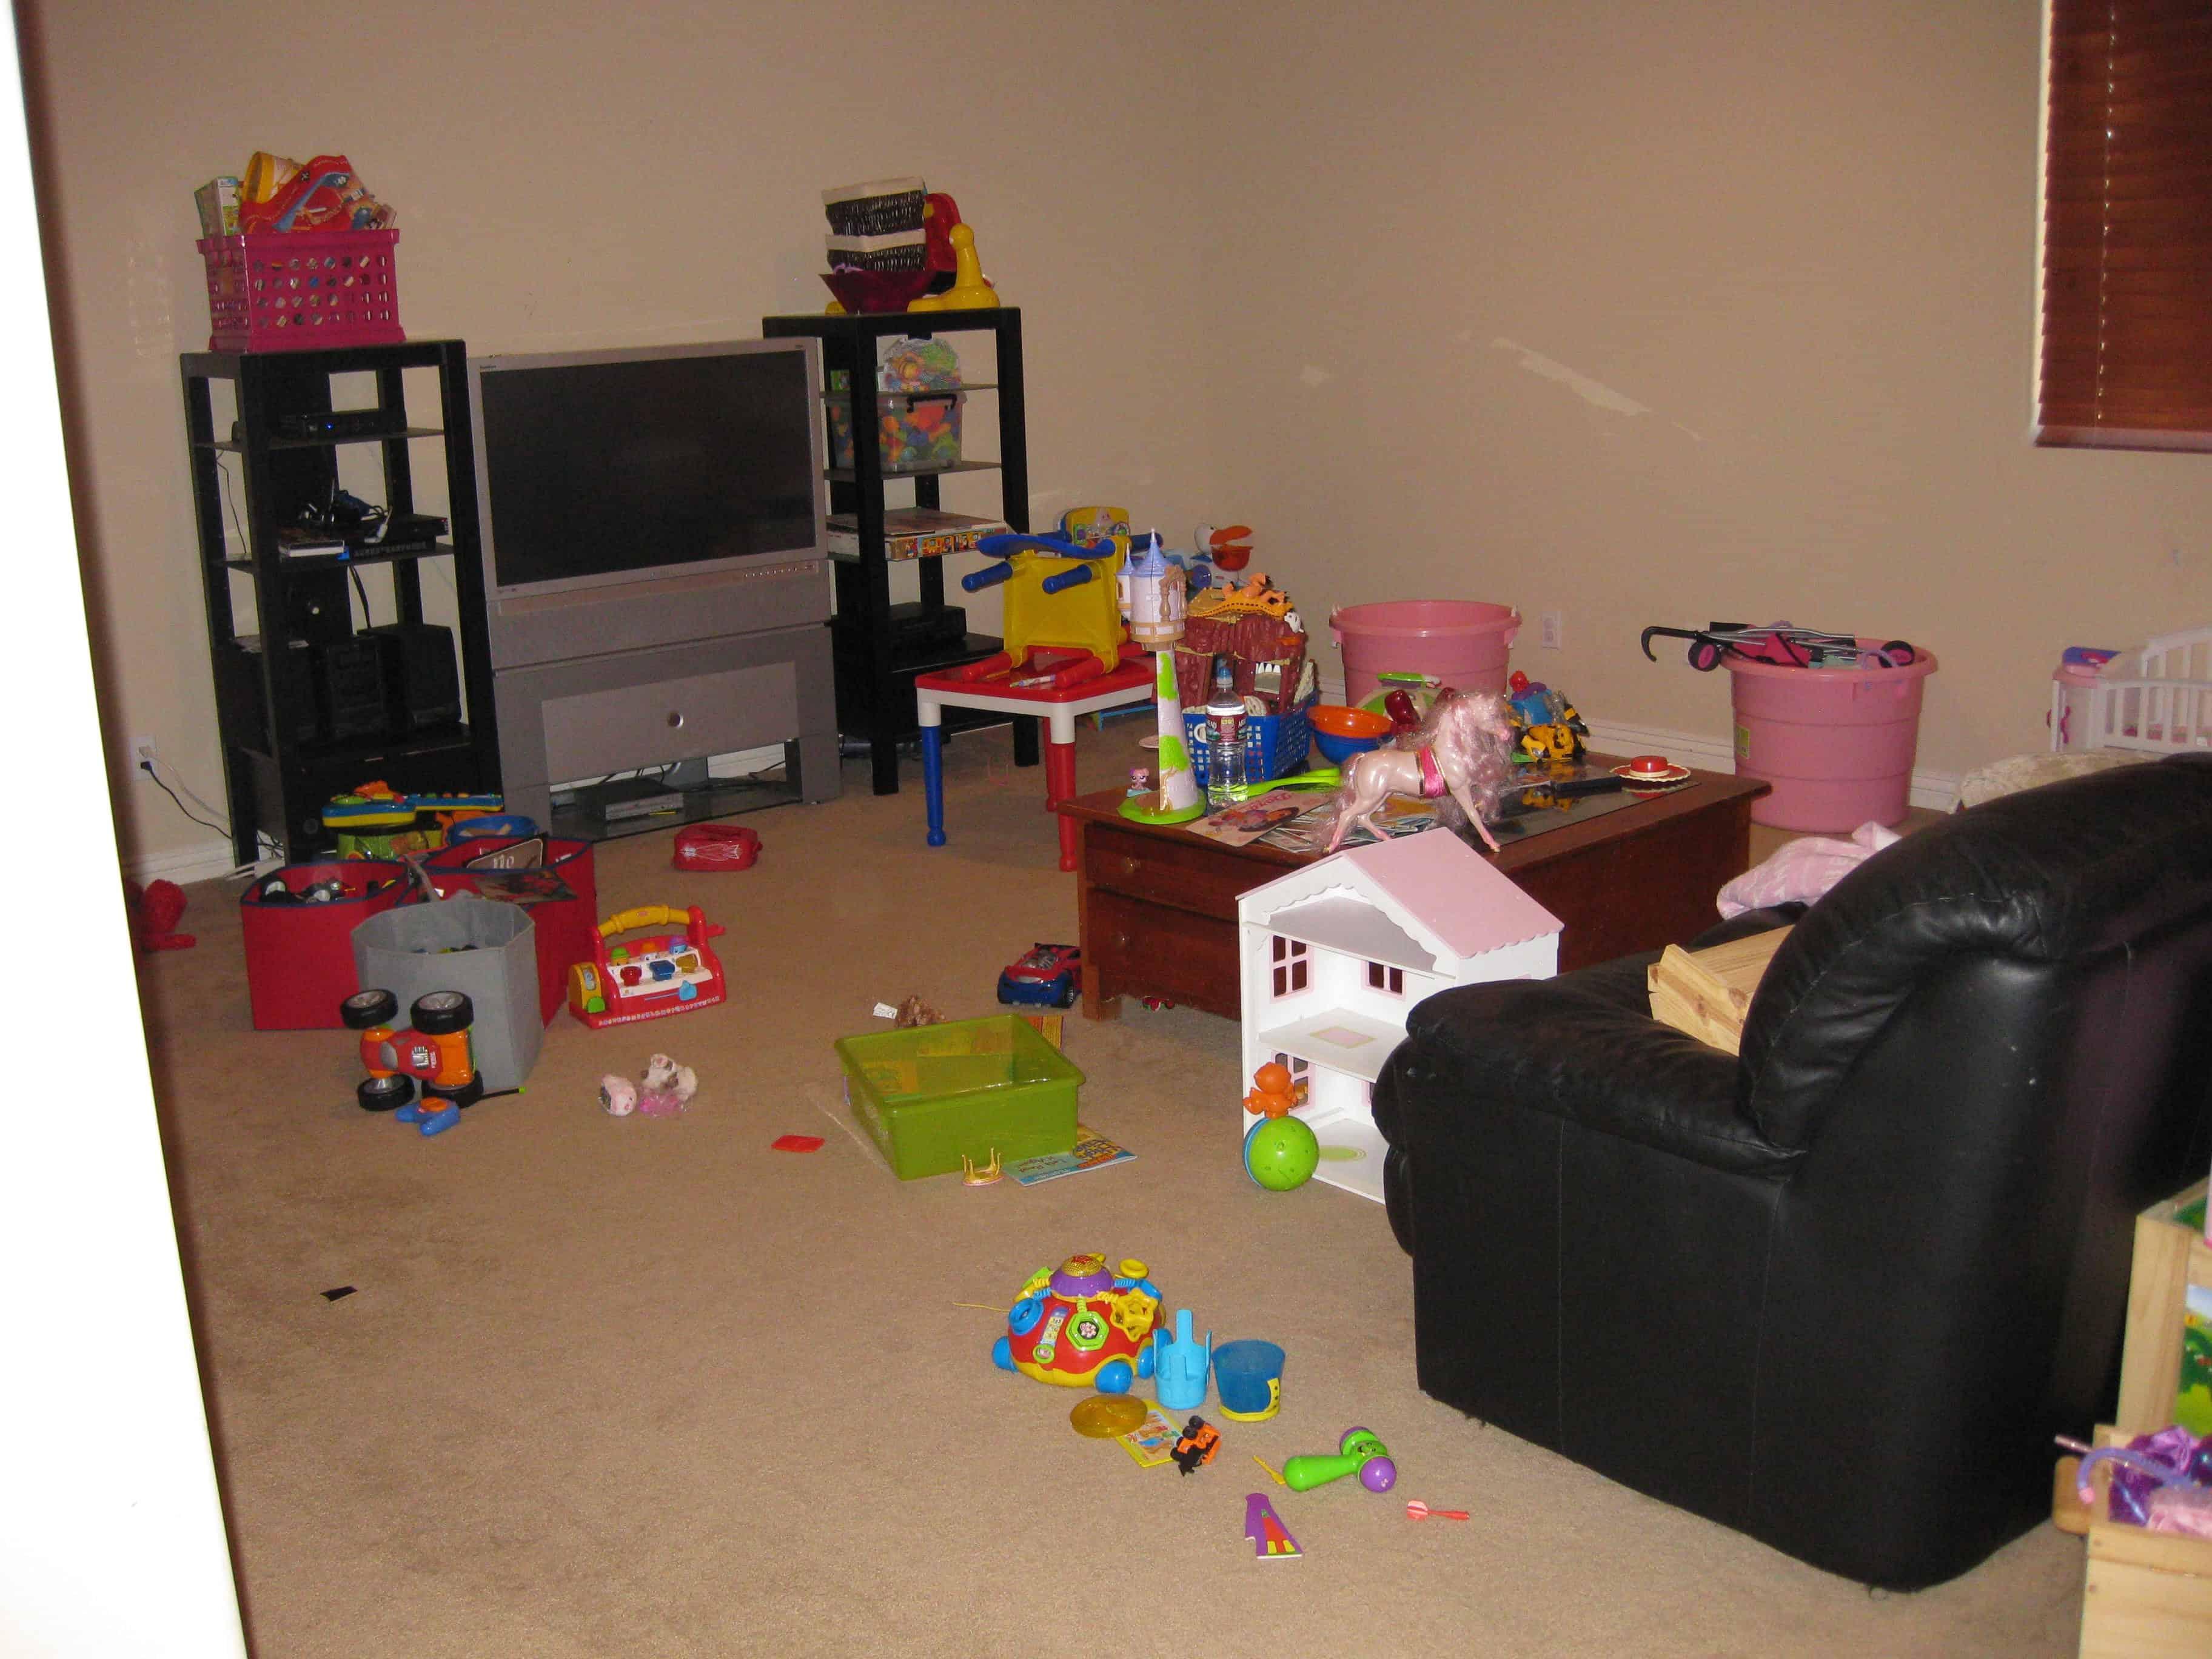 Unorganized Children's Playroom - Before